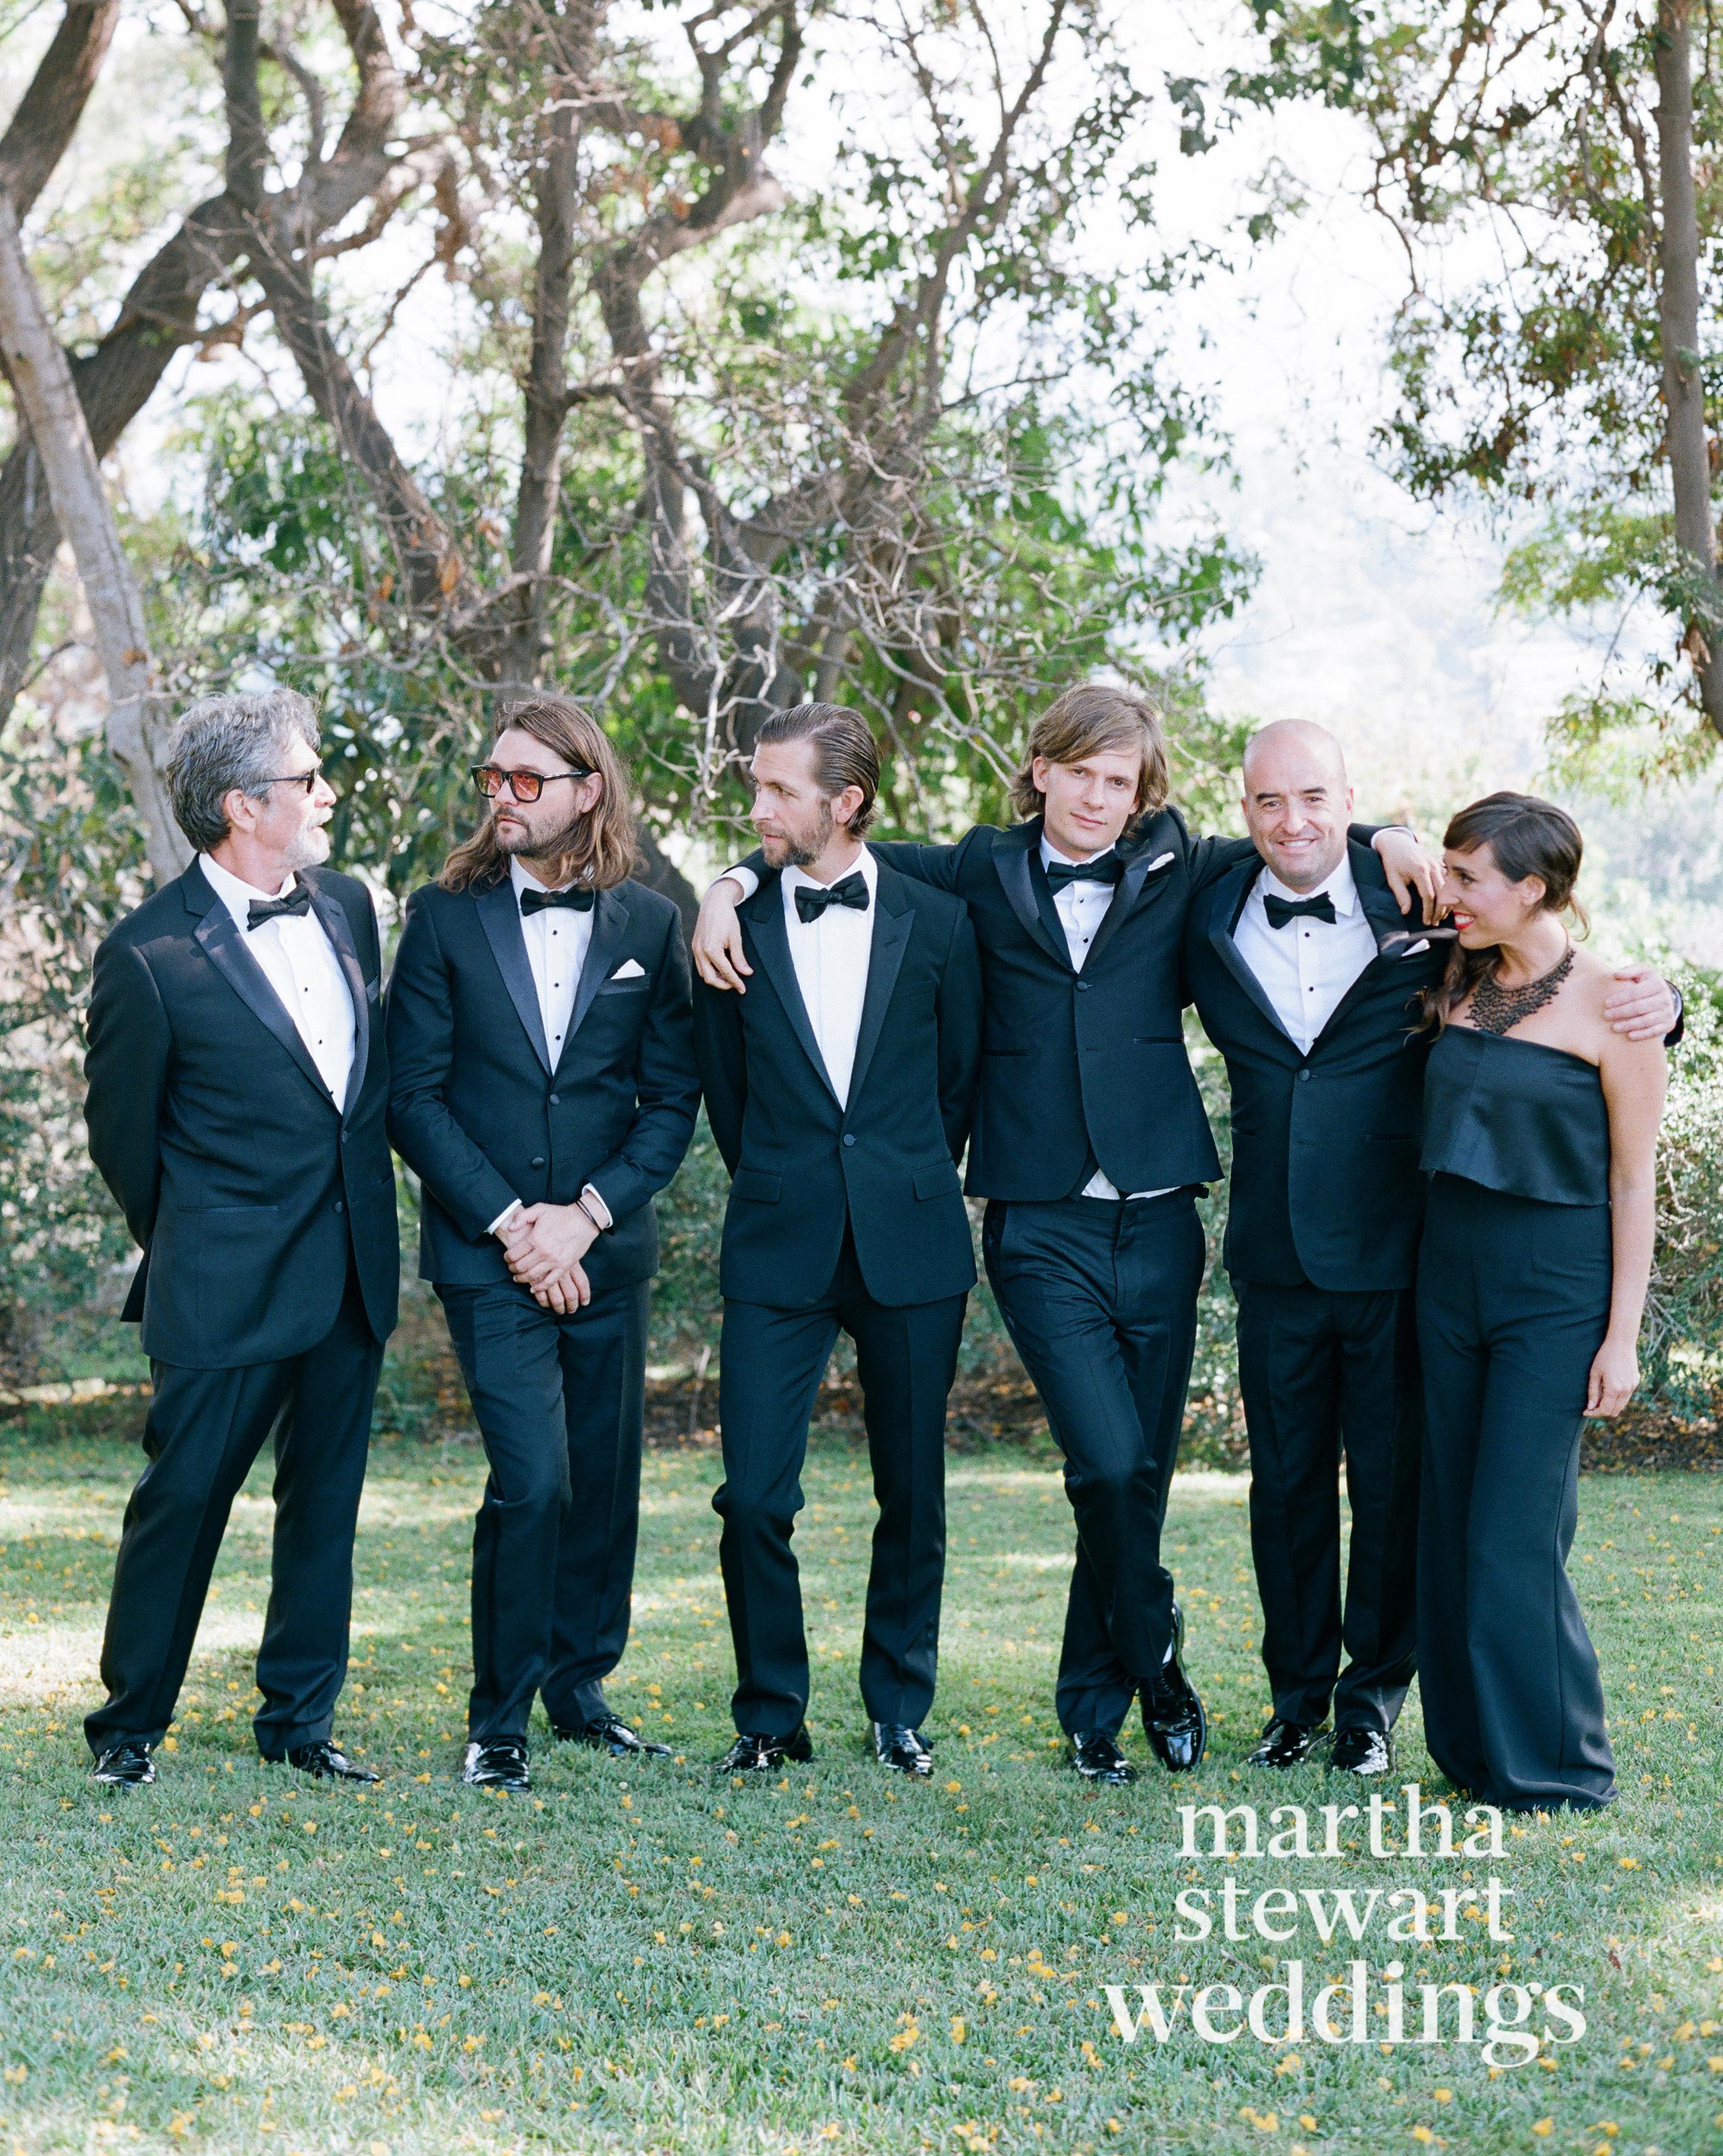 sophia-joel-wedding-los-angeles-119-d112240-watermarked-0915.jpg